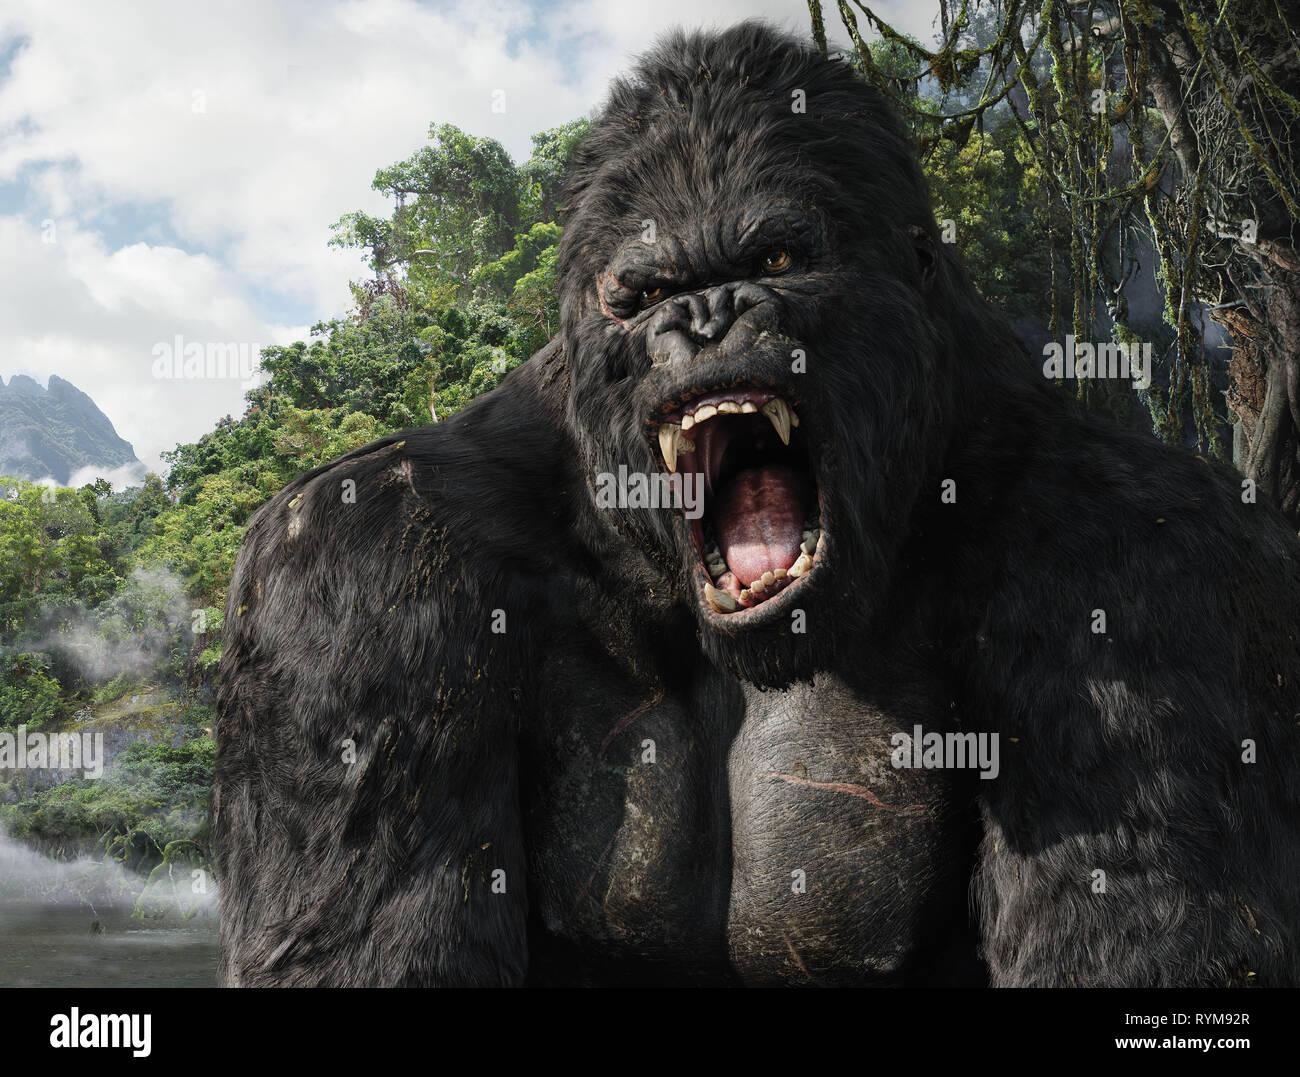 King Kong King Kong 2005 Stock Photo Alamy